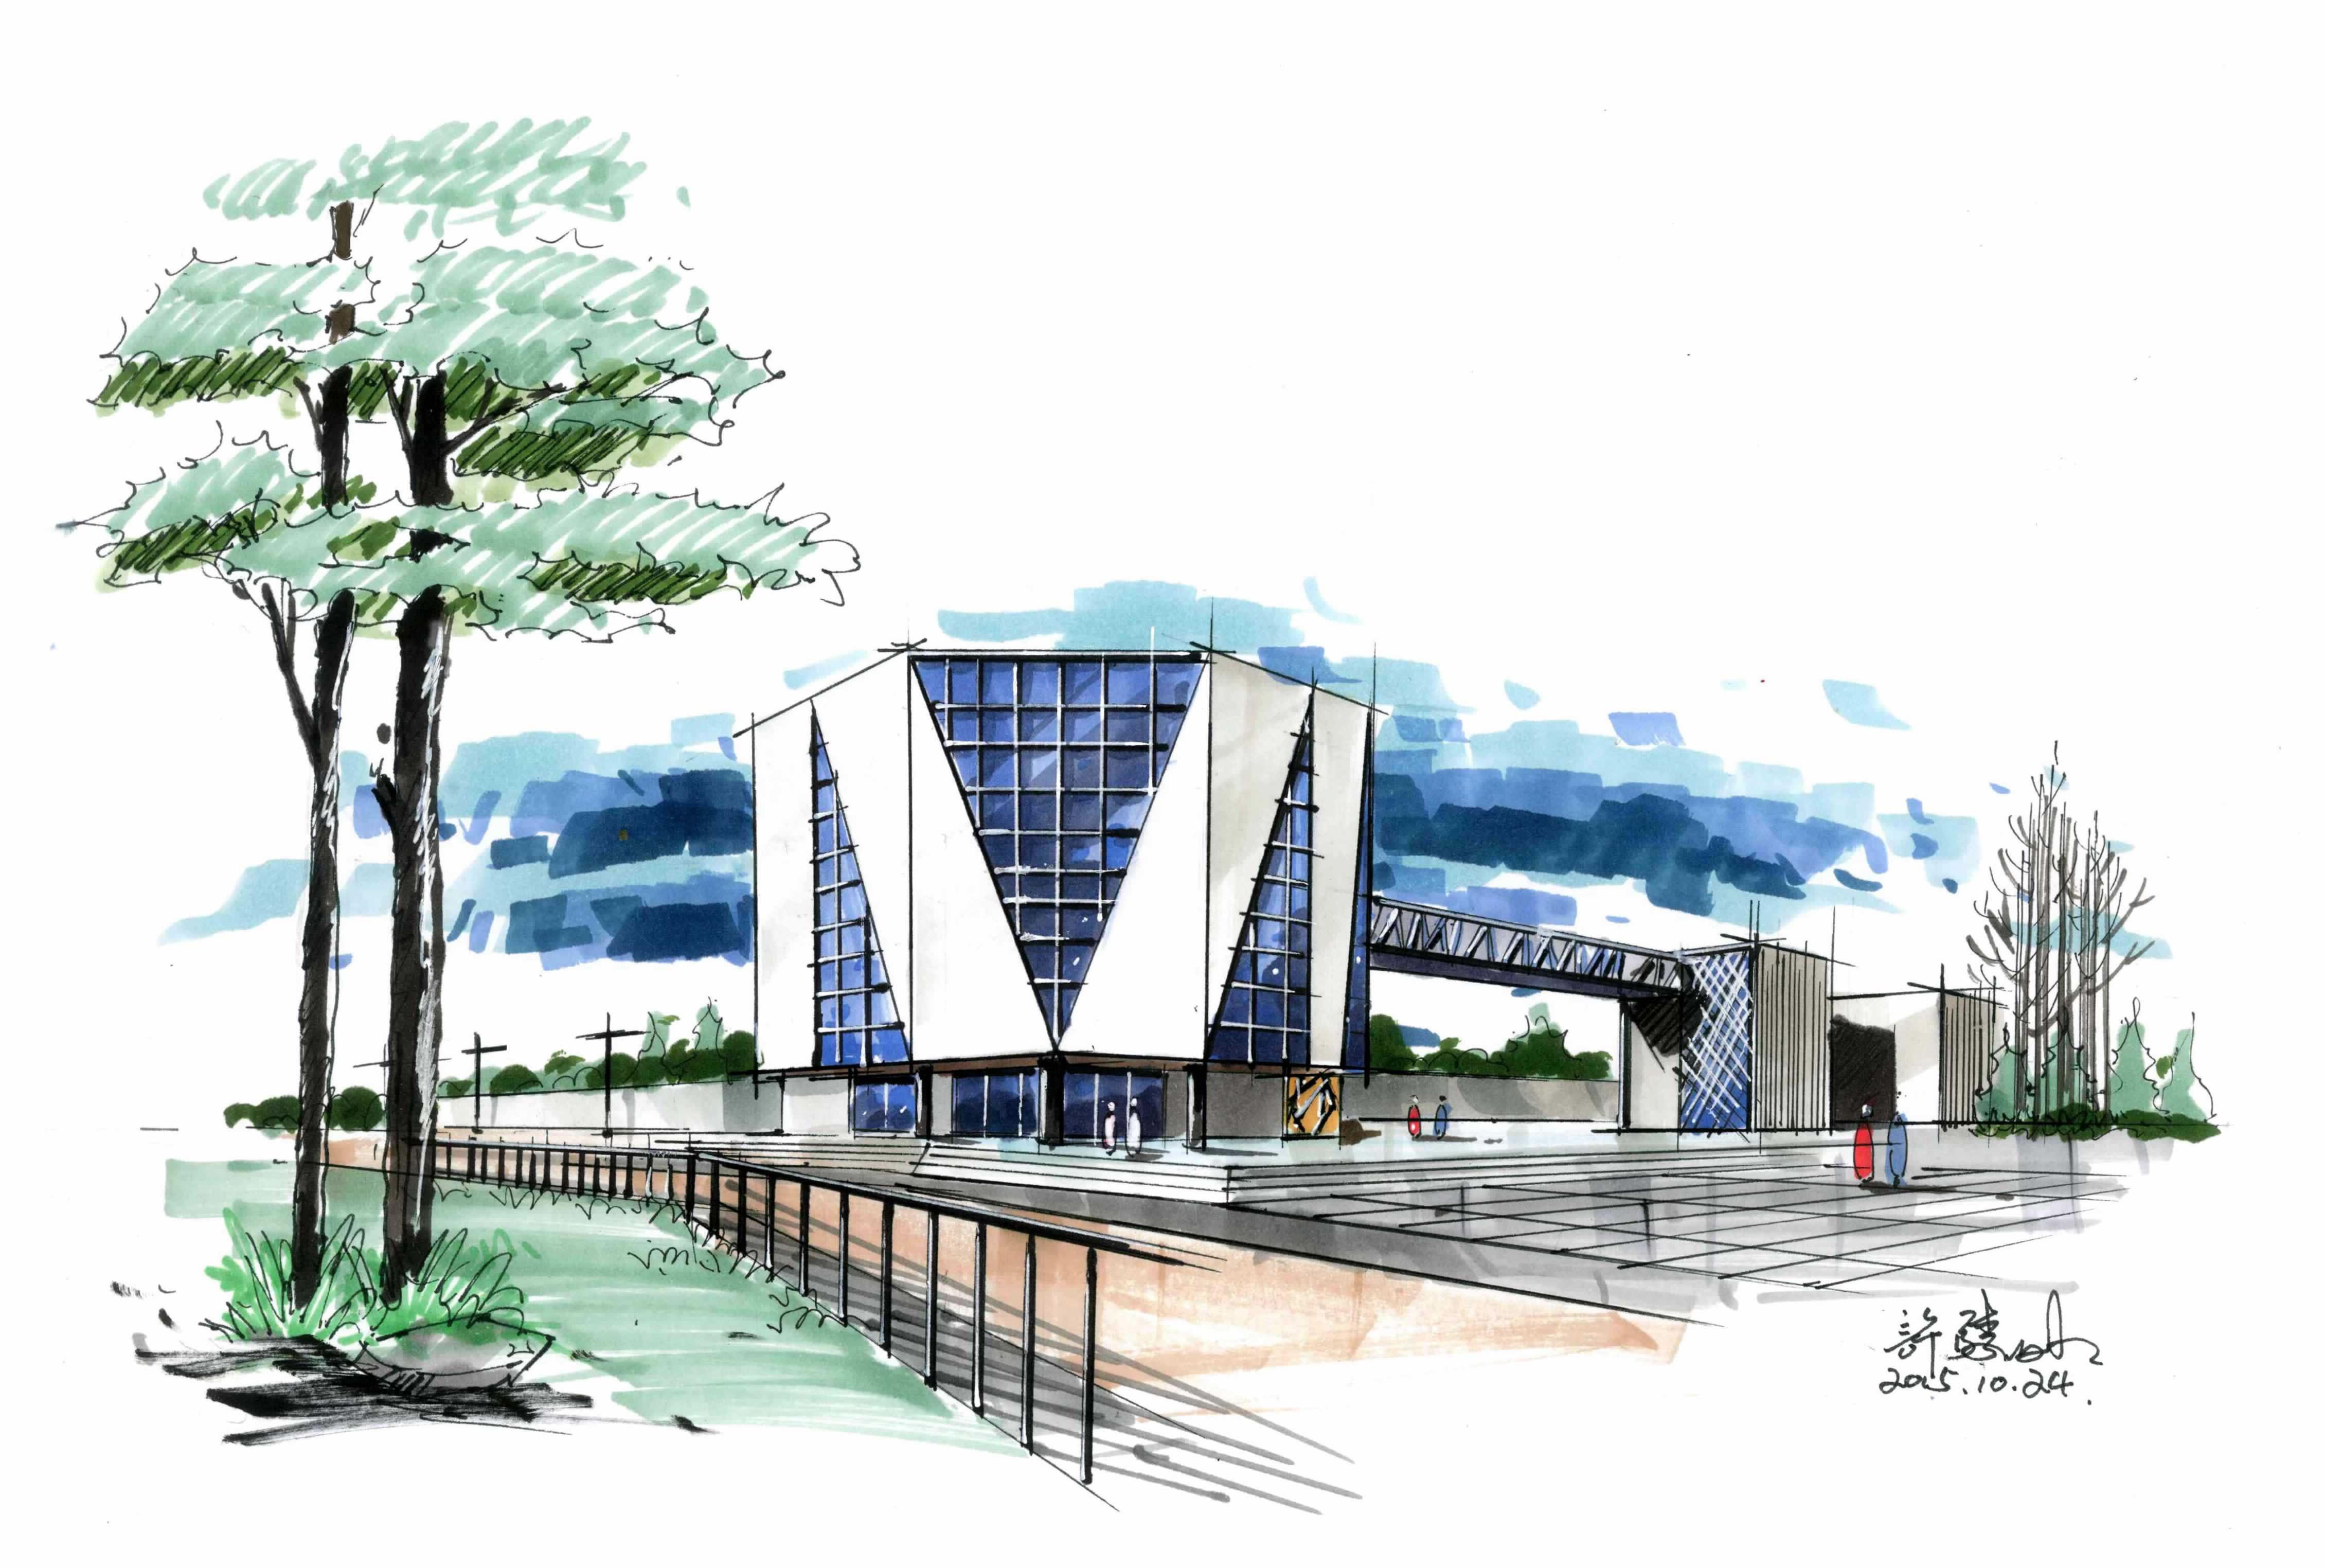 2016年9月25日手绘建筑设计公开课